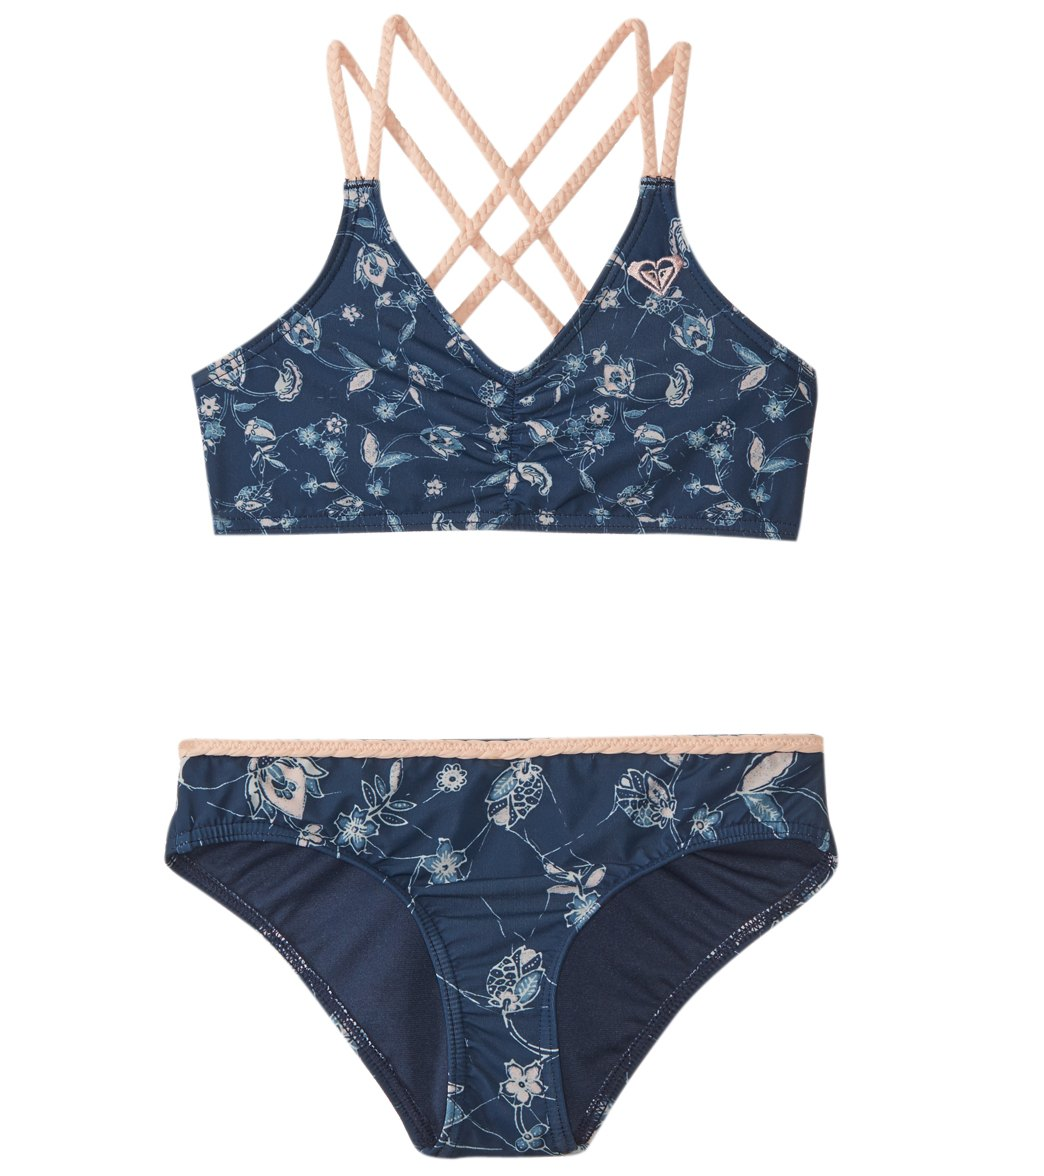 f508dd73b5 ... Roxy Girls' Beach Days Athletic Tri Swimwear Set (Big Kid). Share